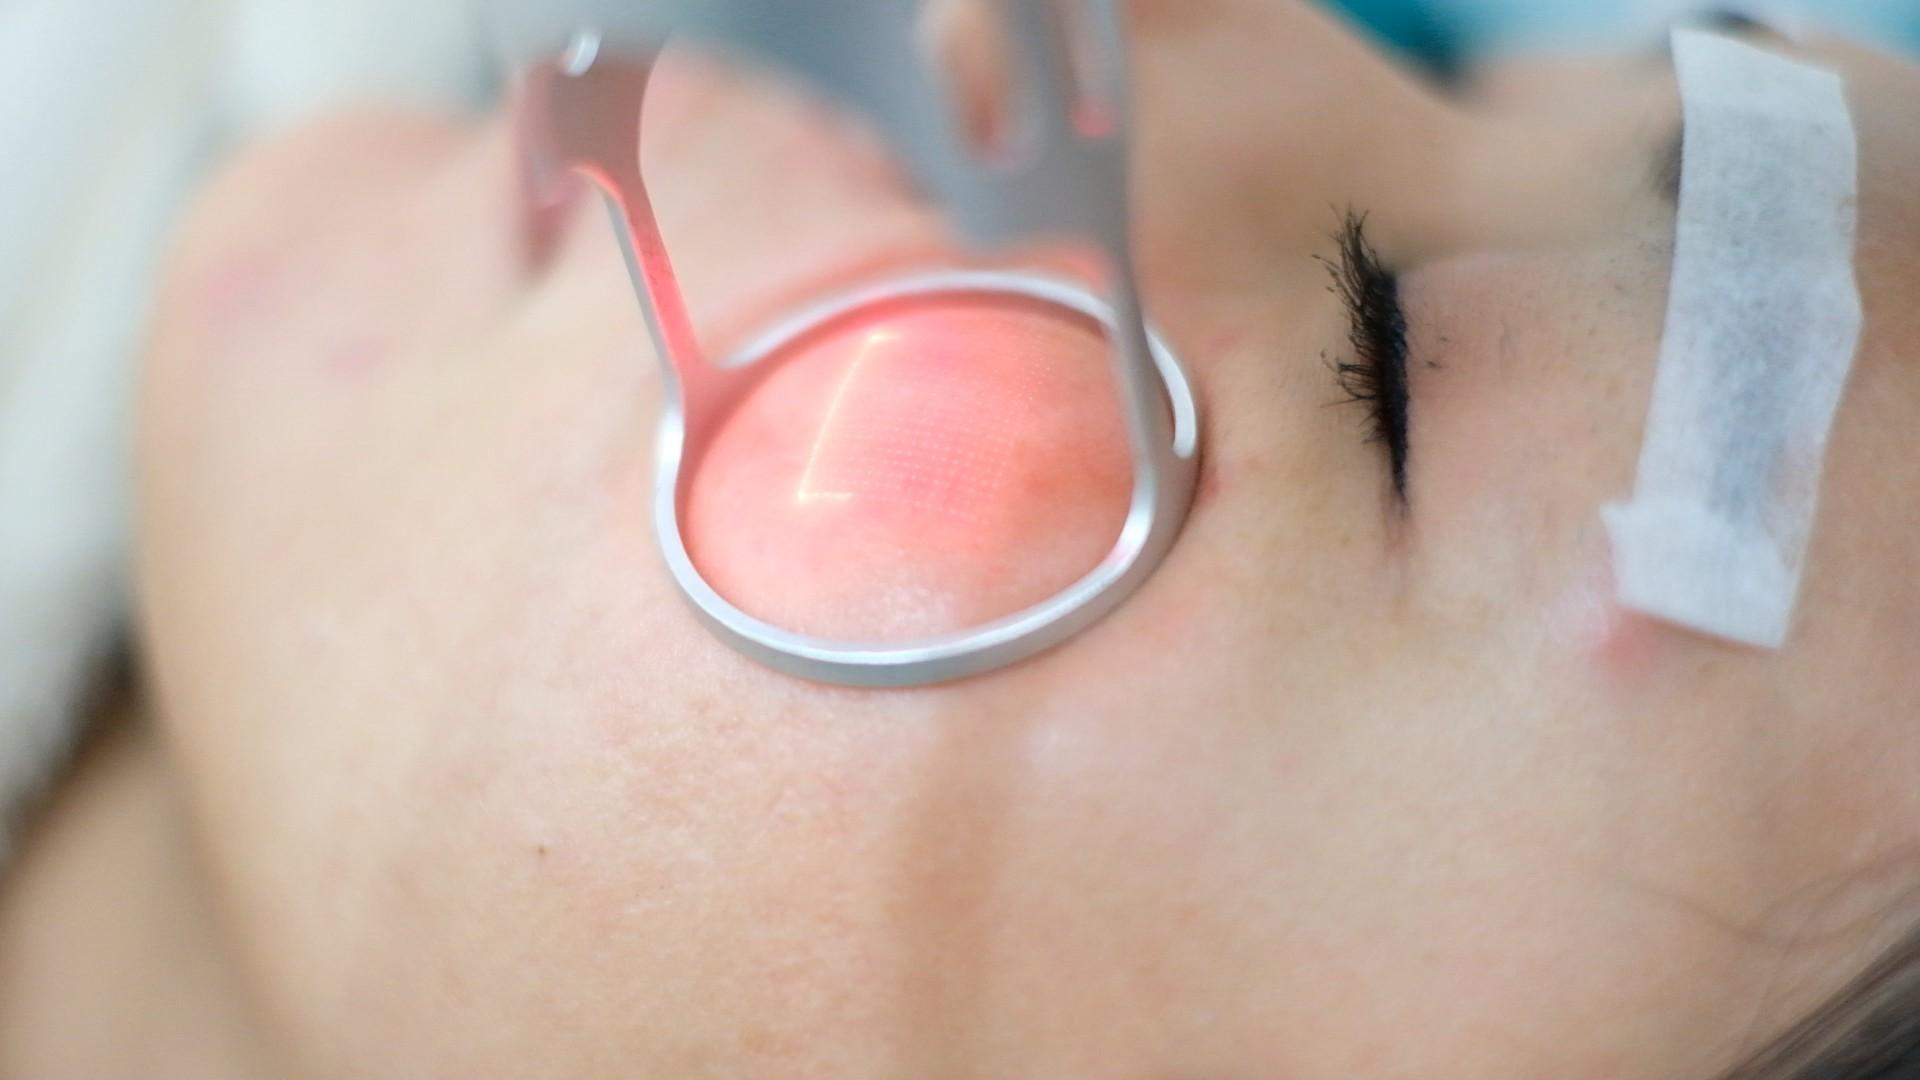 Điều trị lỗ chân lông vĩnh viễn hiệu quả lên tới 90%